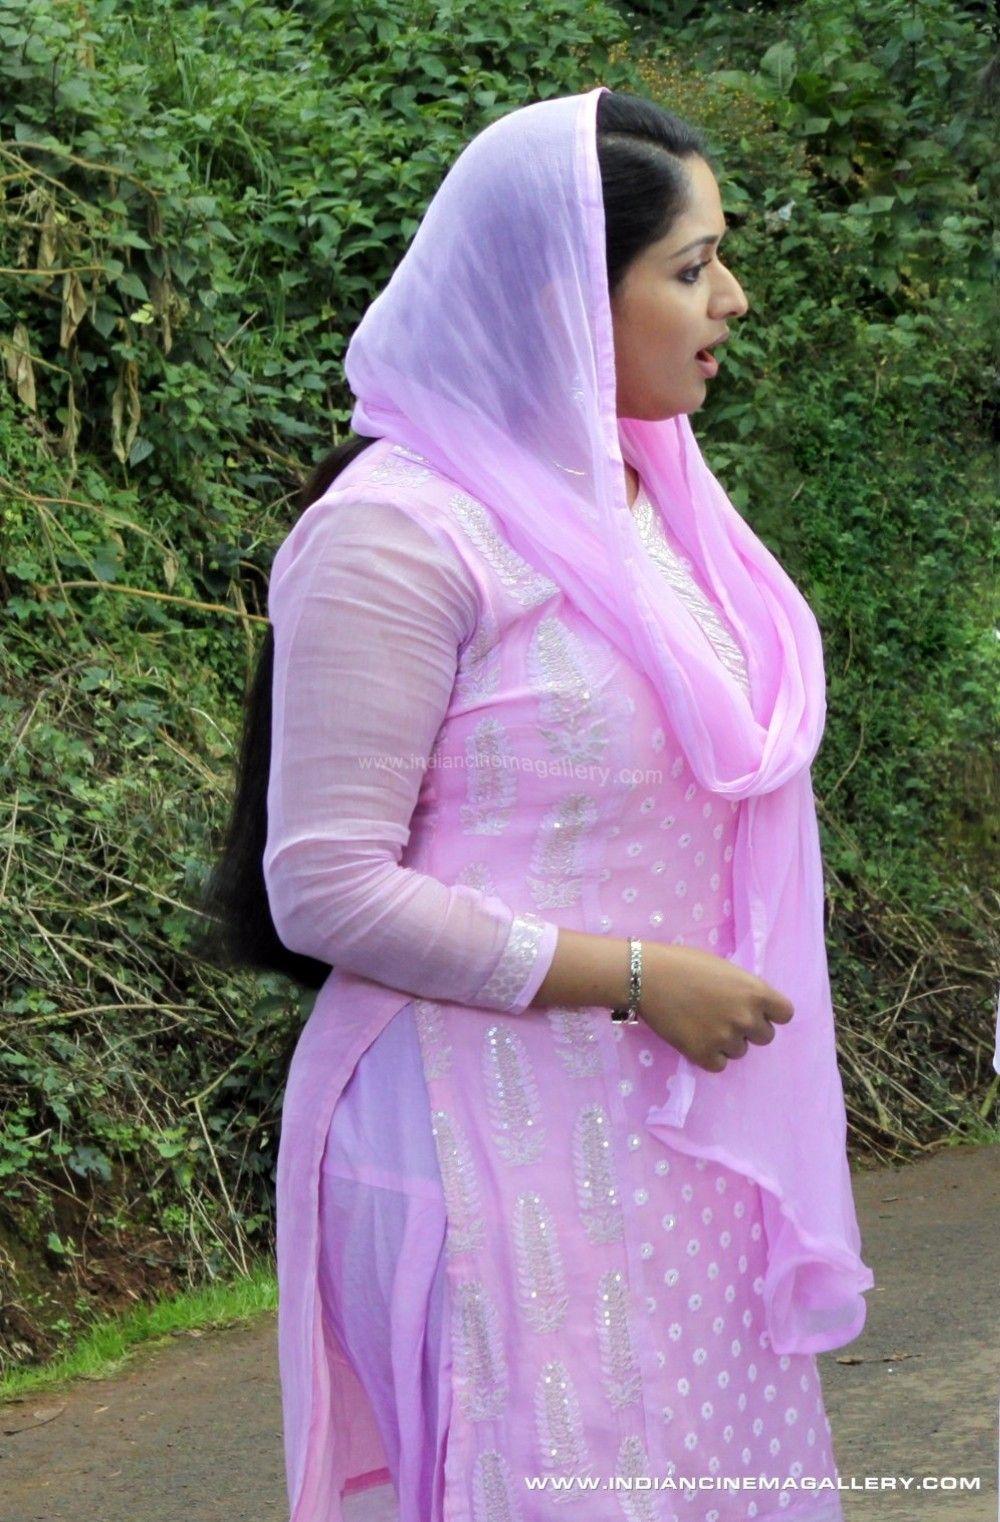 Hot tamil muslim Sri Lankan